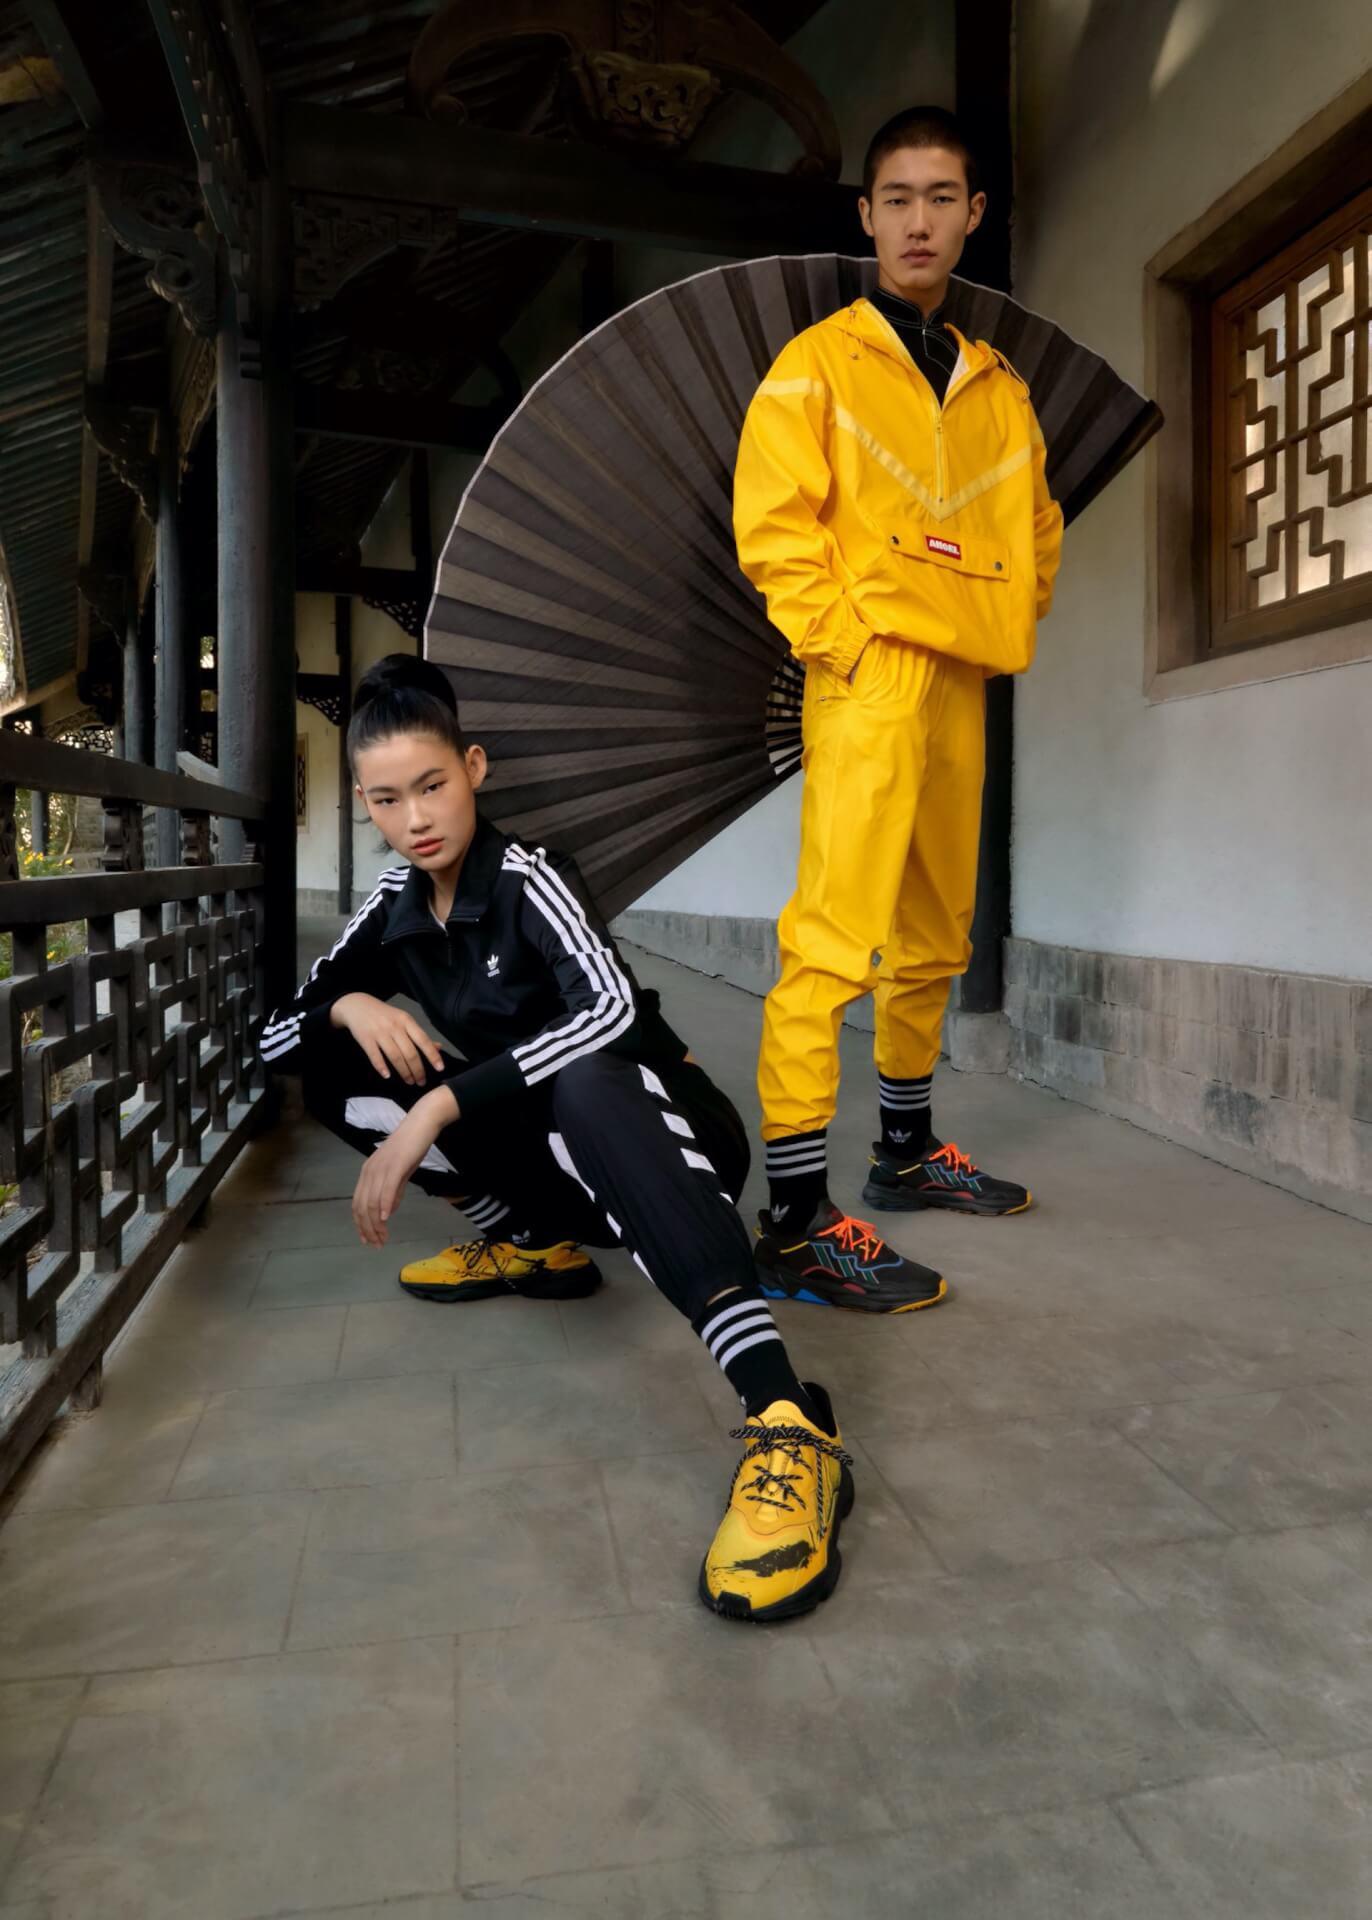 adidas Originals × Angel Chenのカプセルコレクションが登場!水泳や書道からインスパイアされたフットウェア4型 lf200529_adidas_angelchen_04